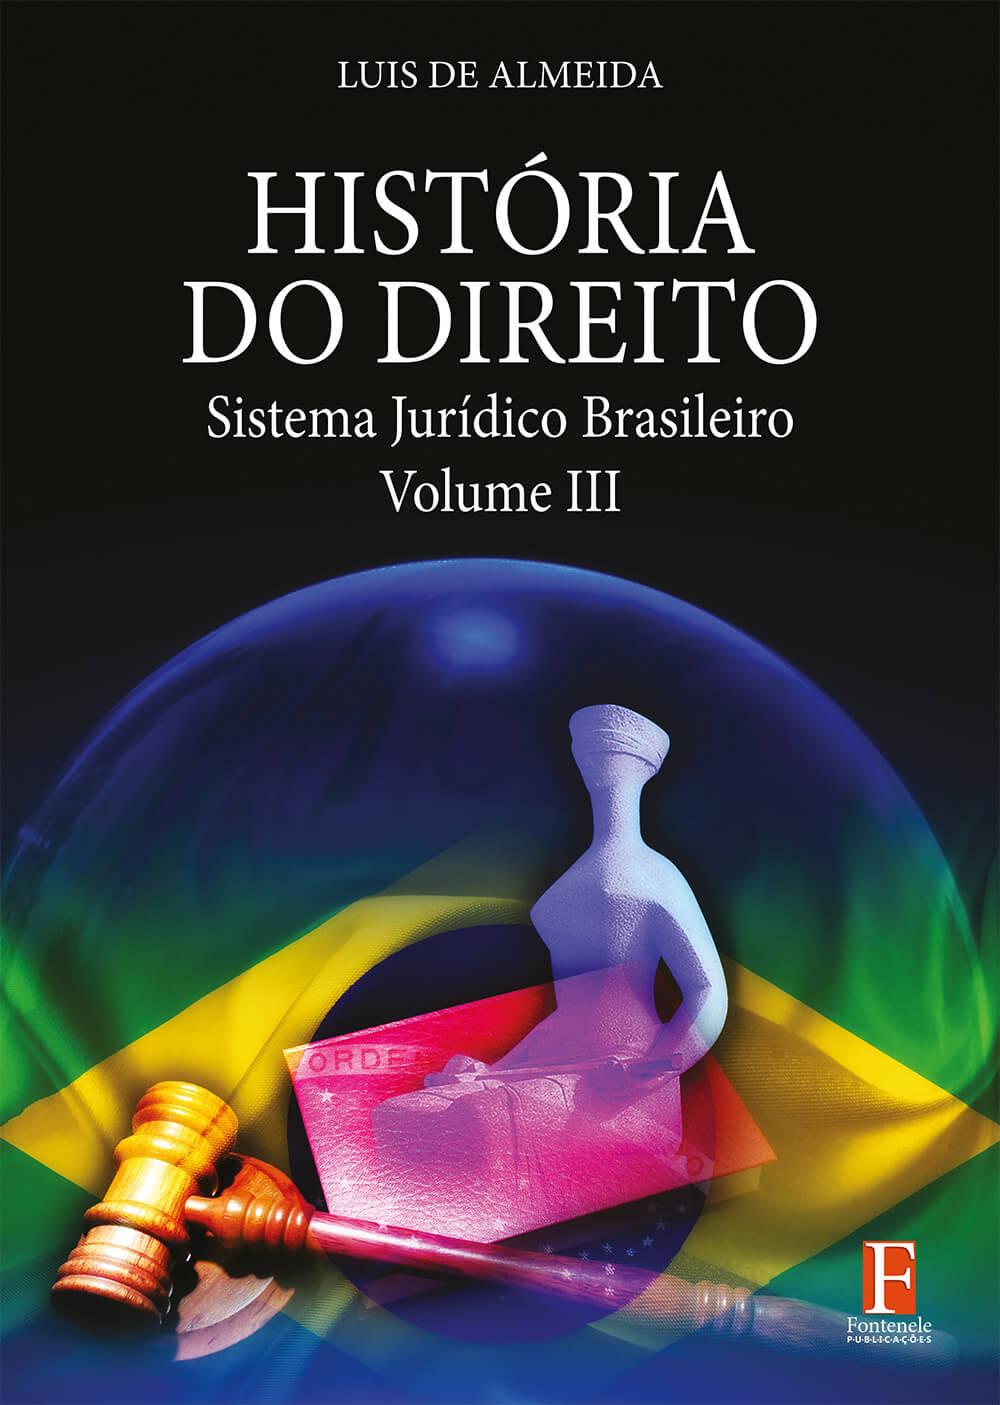 Fontenele Publicações / 11 95150-3481 / 11  95150-4383 História do Direitos – Sistema Jurídico Brasileiro – Volume III